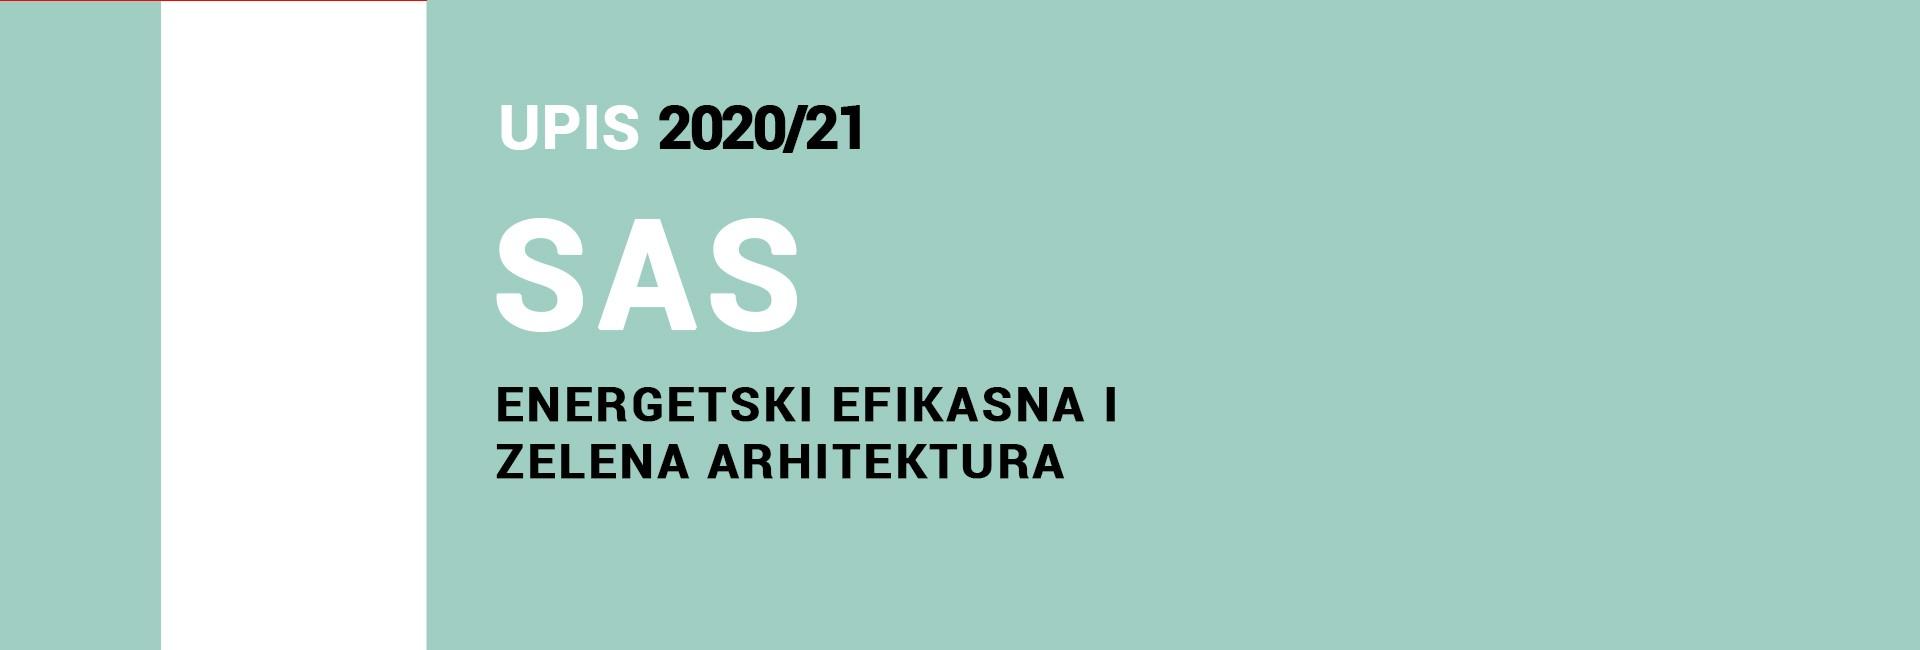 Upis na Specijalističke akademske studije 2020/21 – Energetski efikasna i zelena arhitektura 2020/21